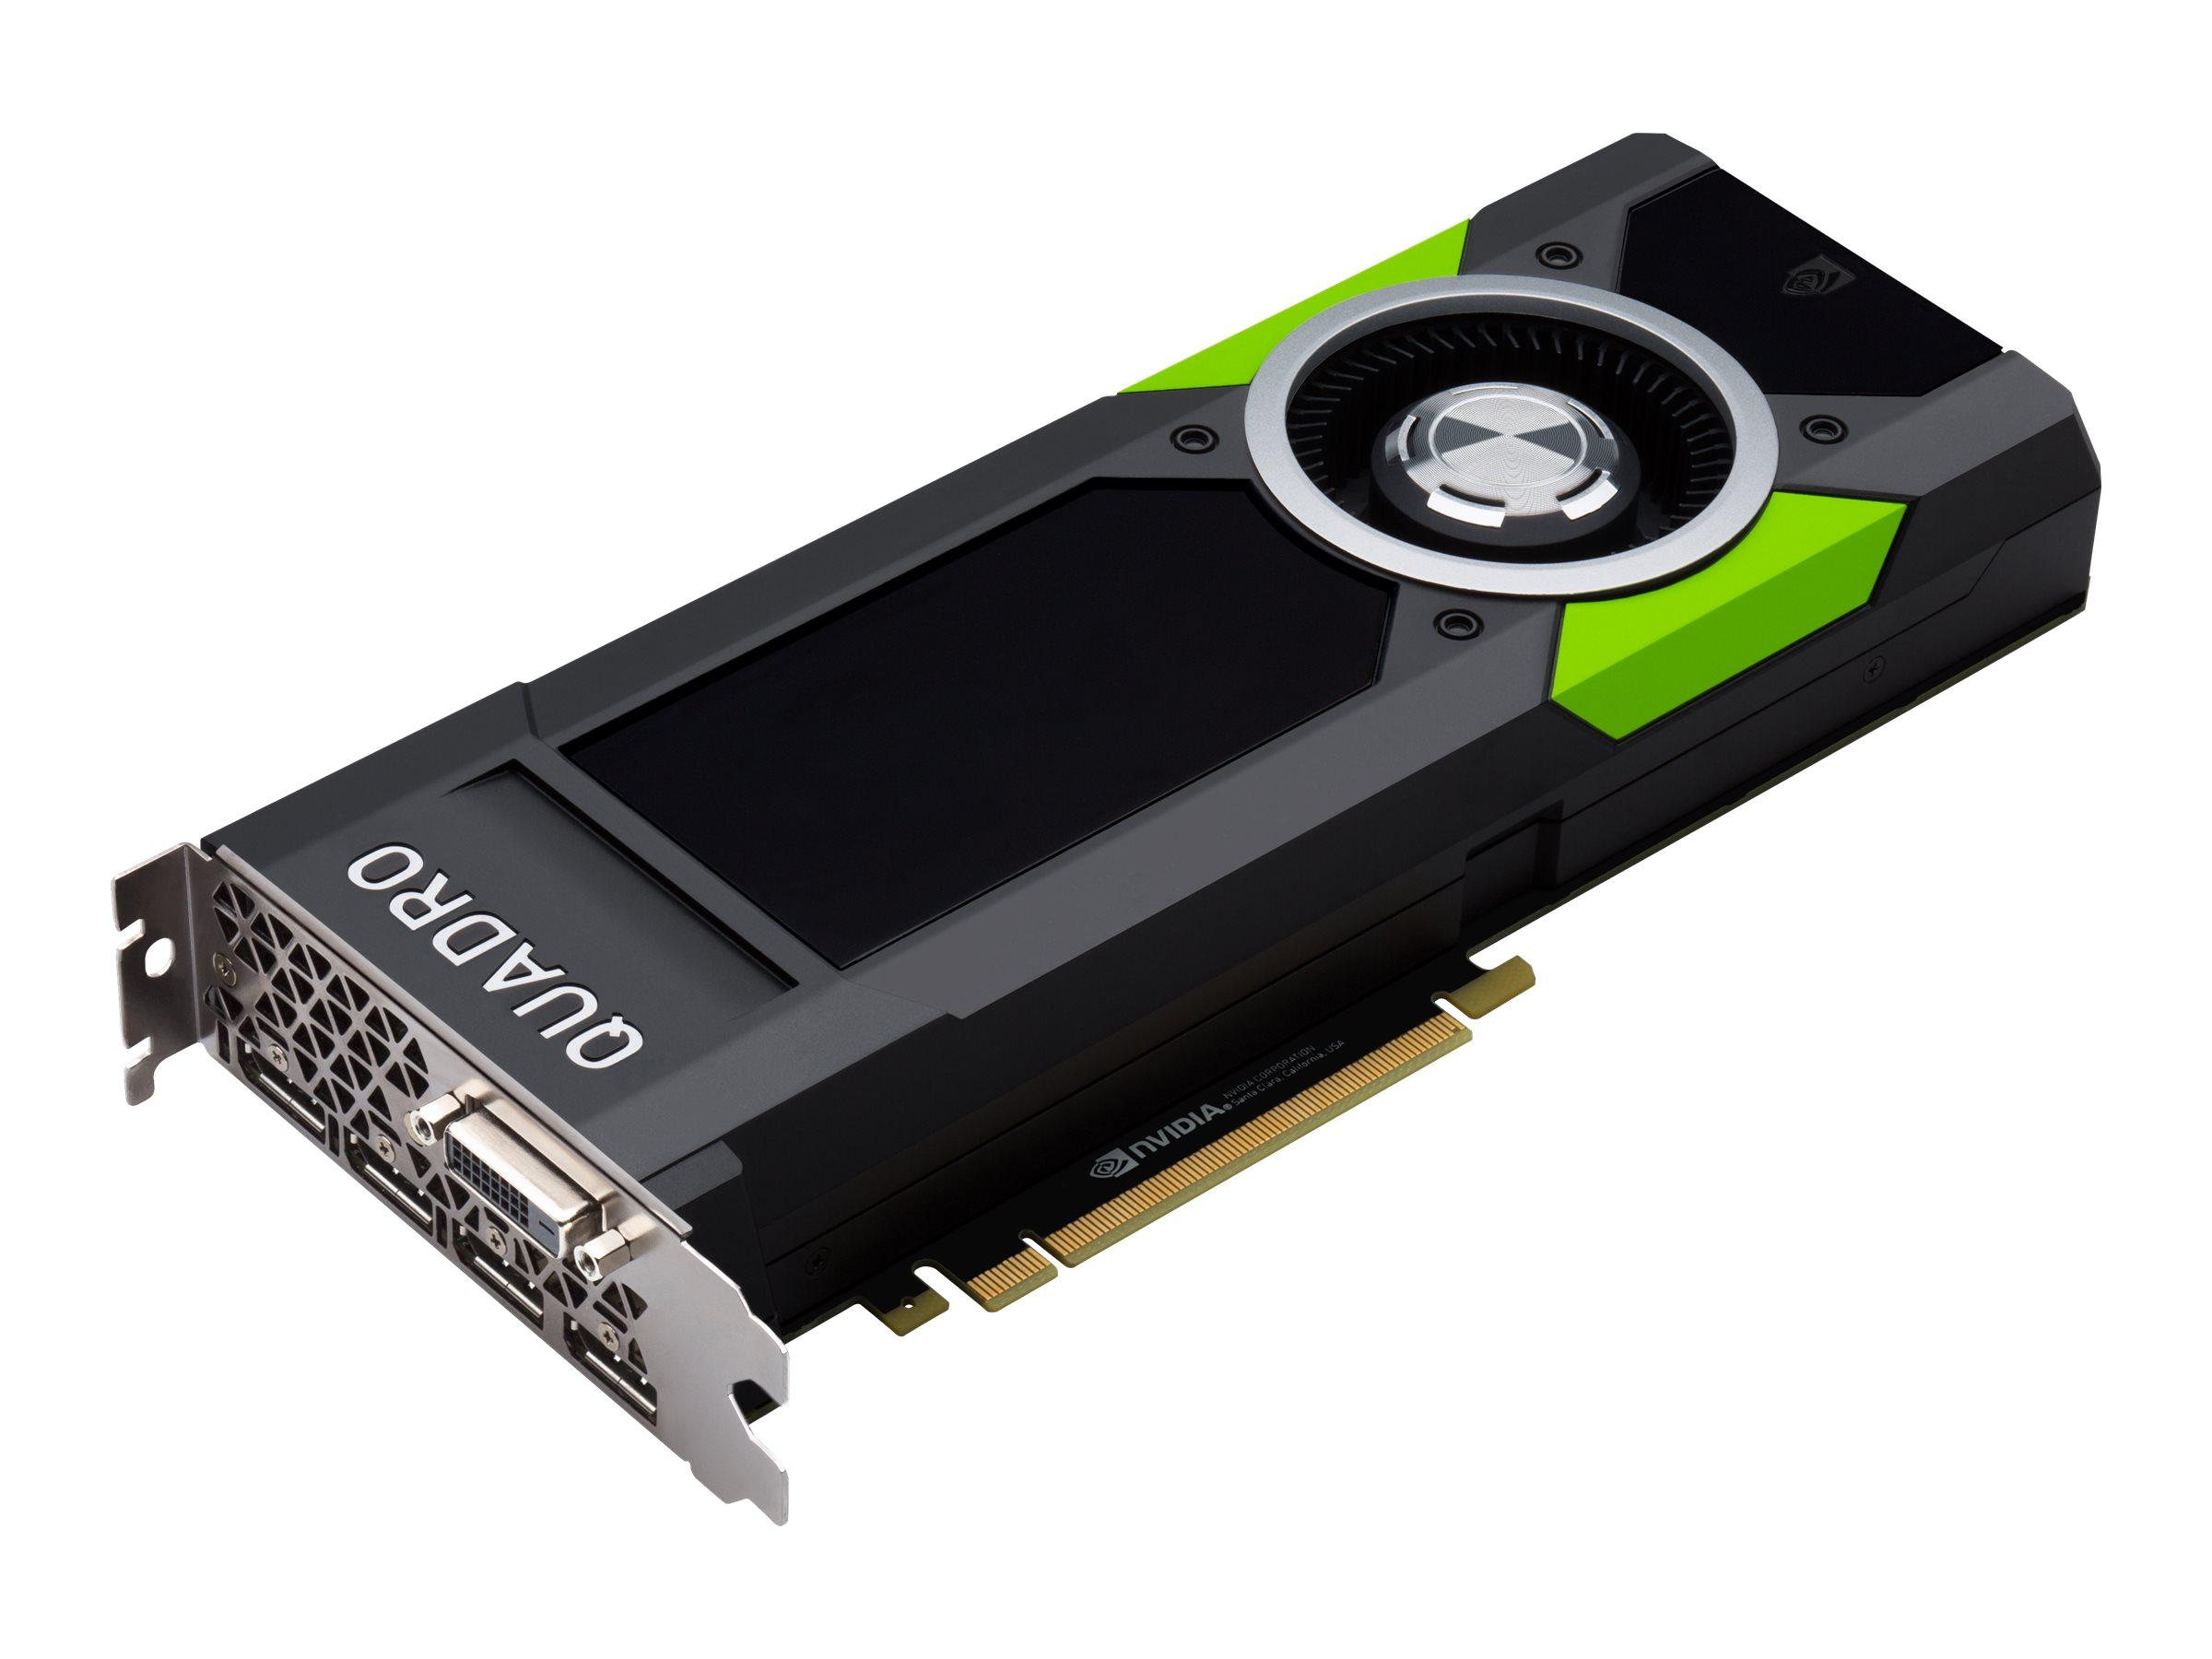 NVIDIA Quadro P5000 - Grafikkarten - Quadro P5000 - 16 GB GDDR5 - PCIe 3.0 x16 - DVI, 4 x DisplayPort